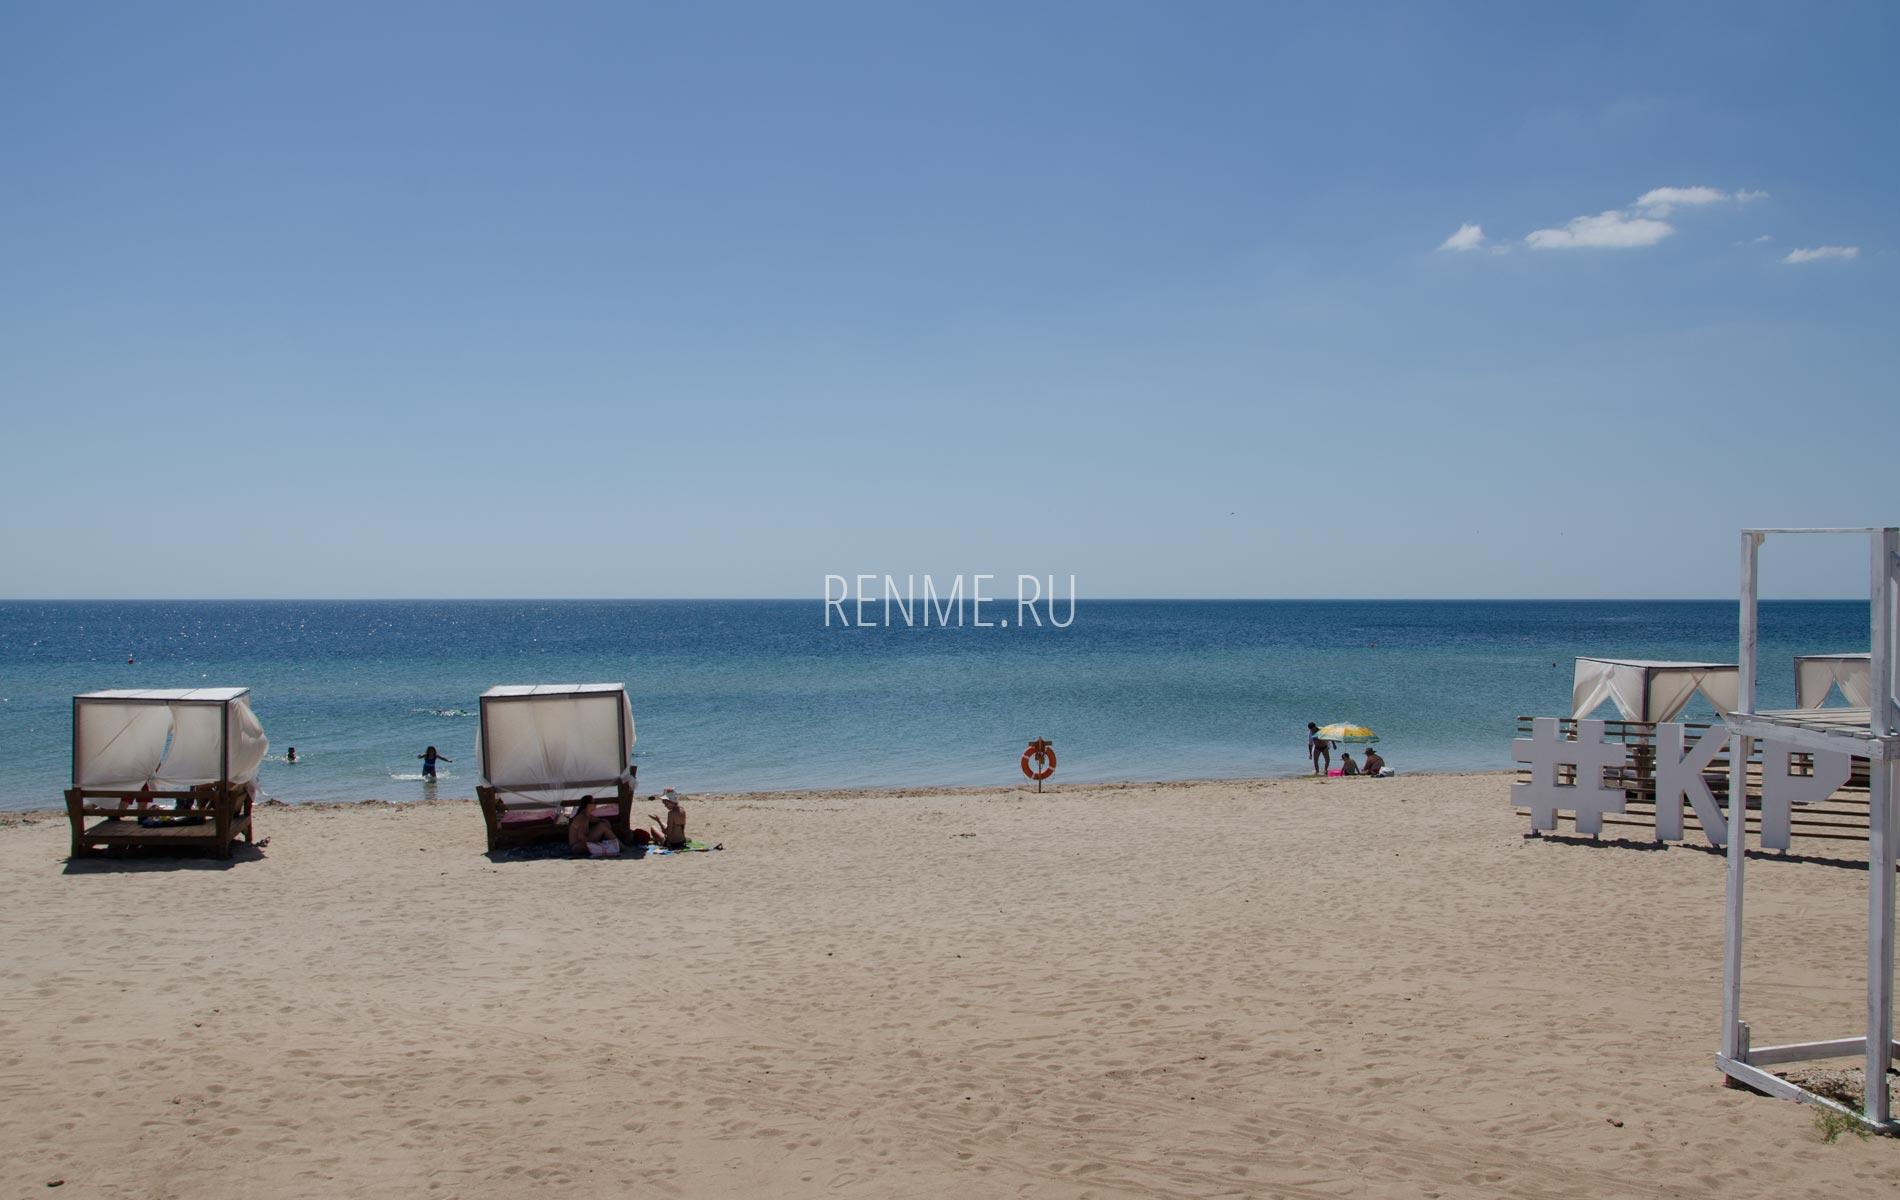 Бунгало на пляже в июне 2020. Фото Заозёрного